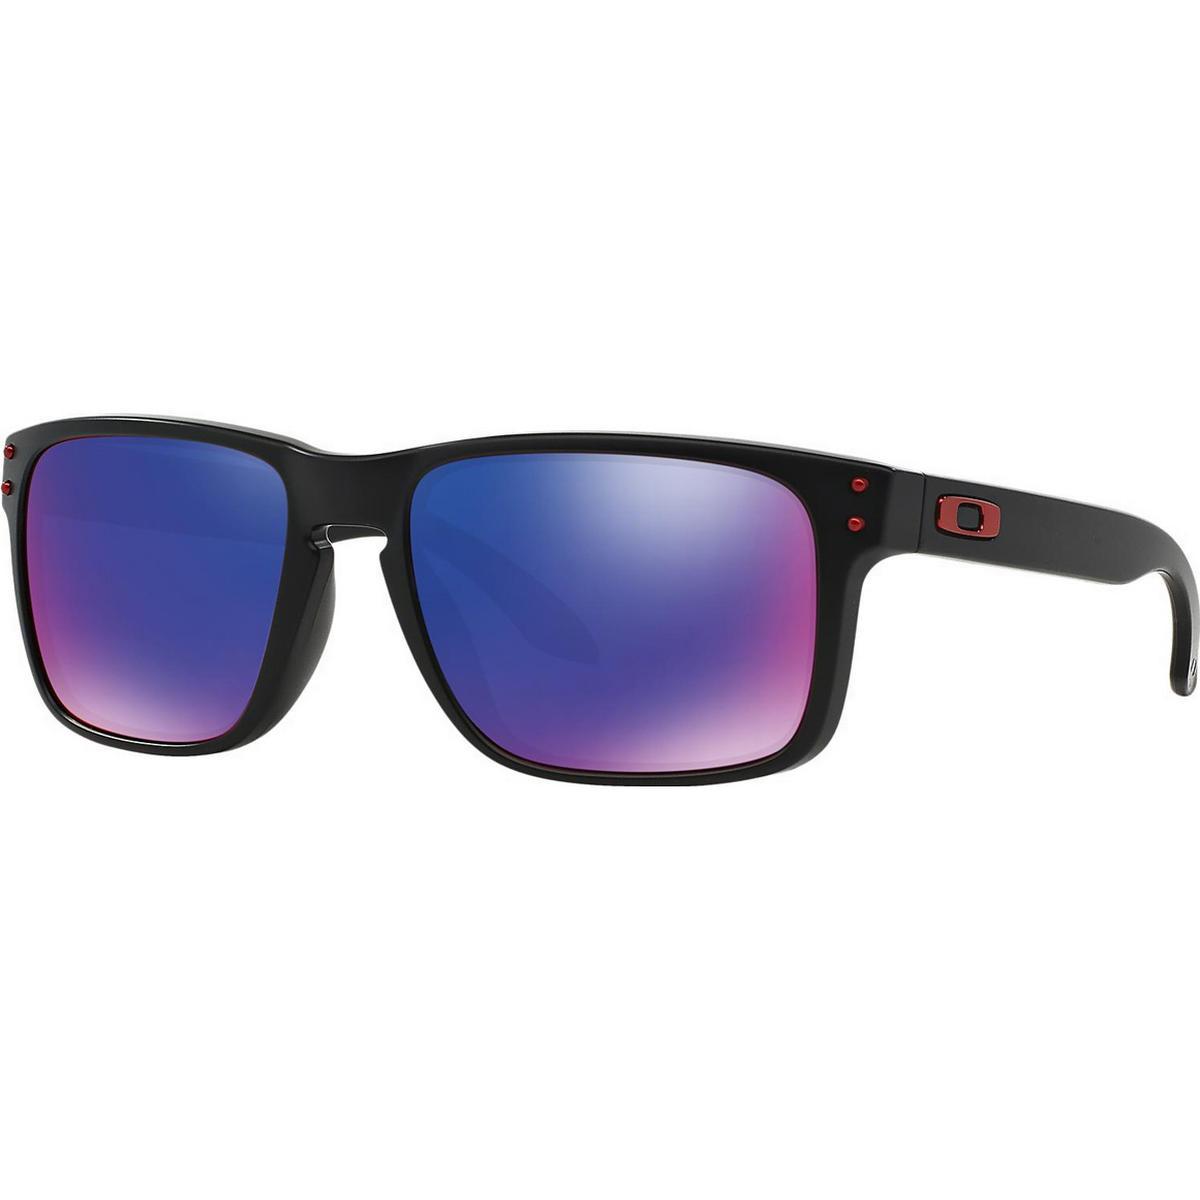 db6d1df4 Oakley Solbriller - Sammenlign priser hos PriceRunner